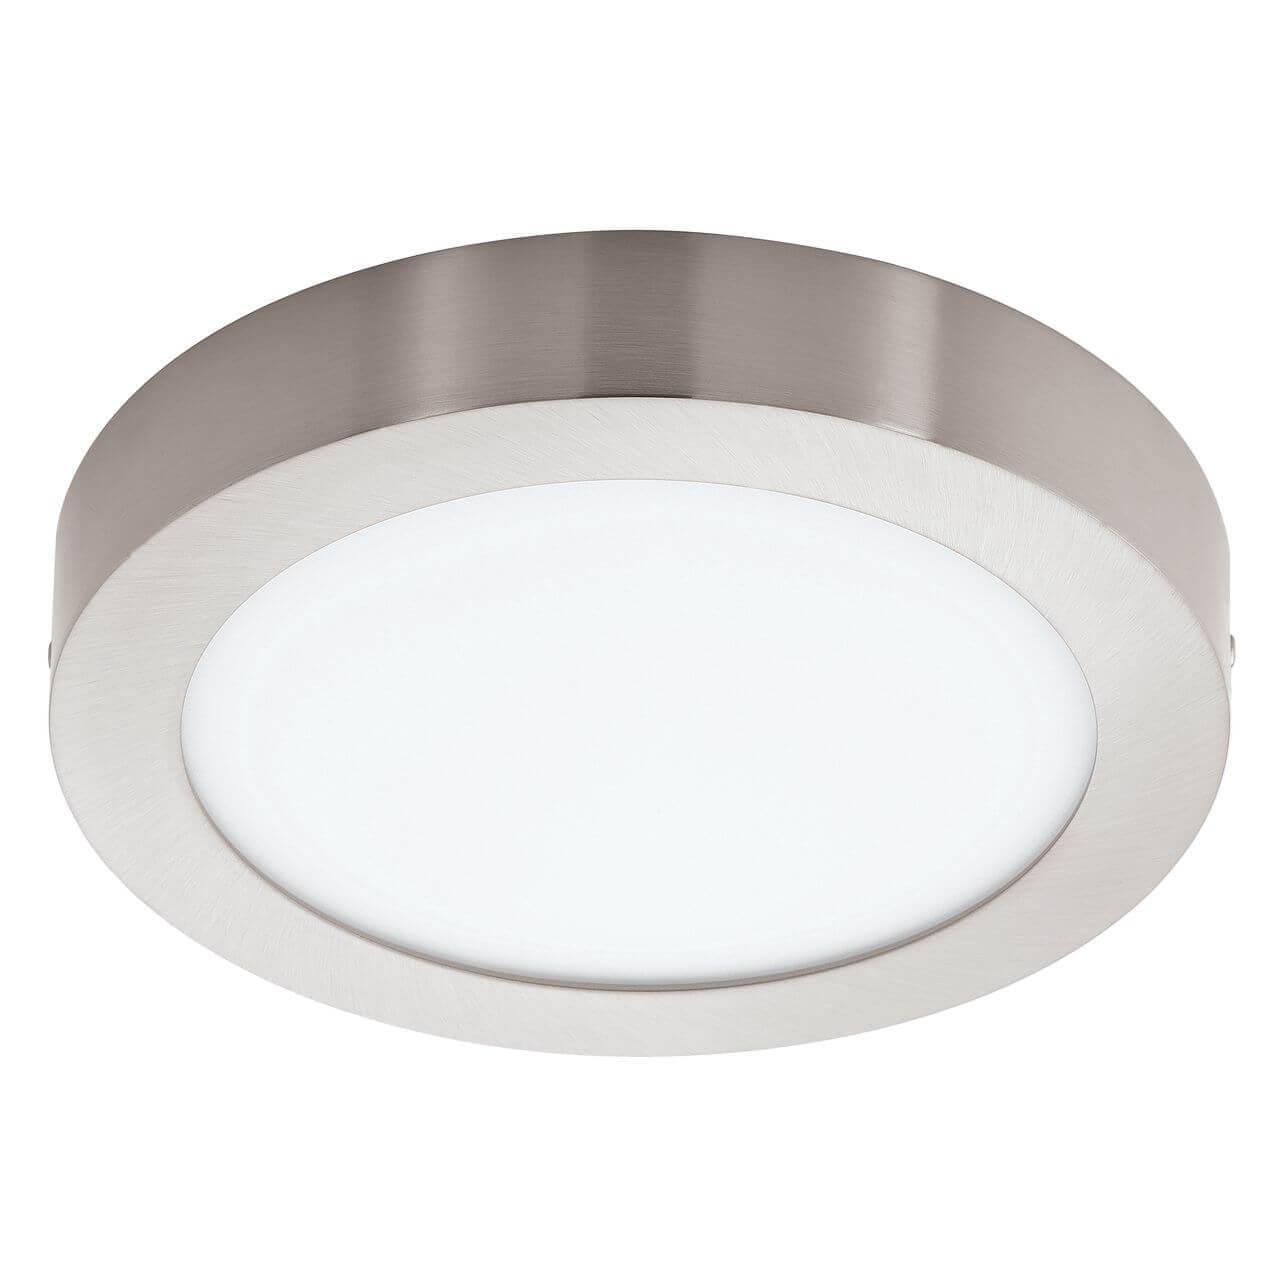 цены Потолочный светильник Eglo Fueva 1 94525